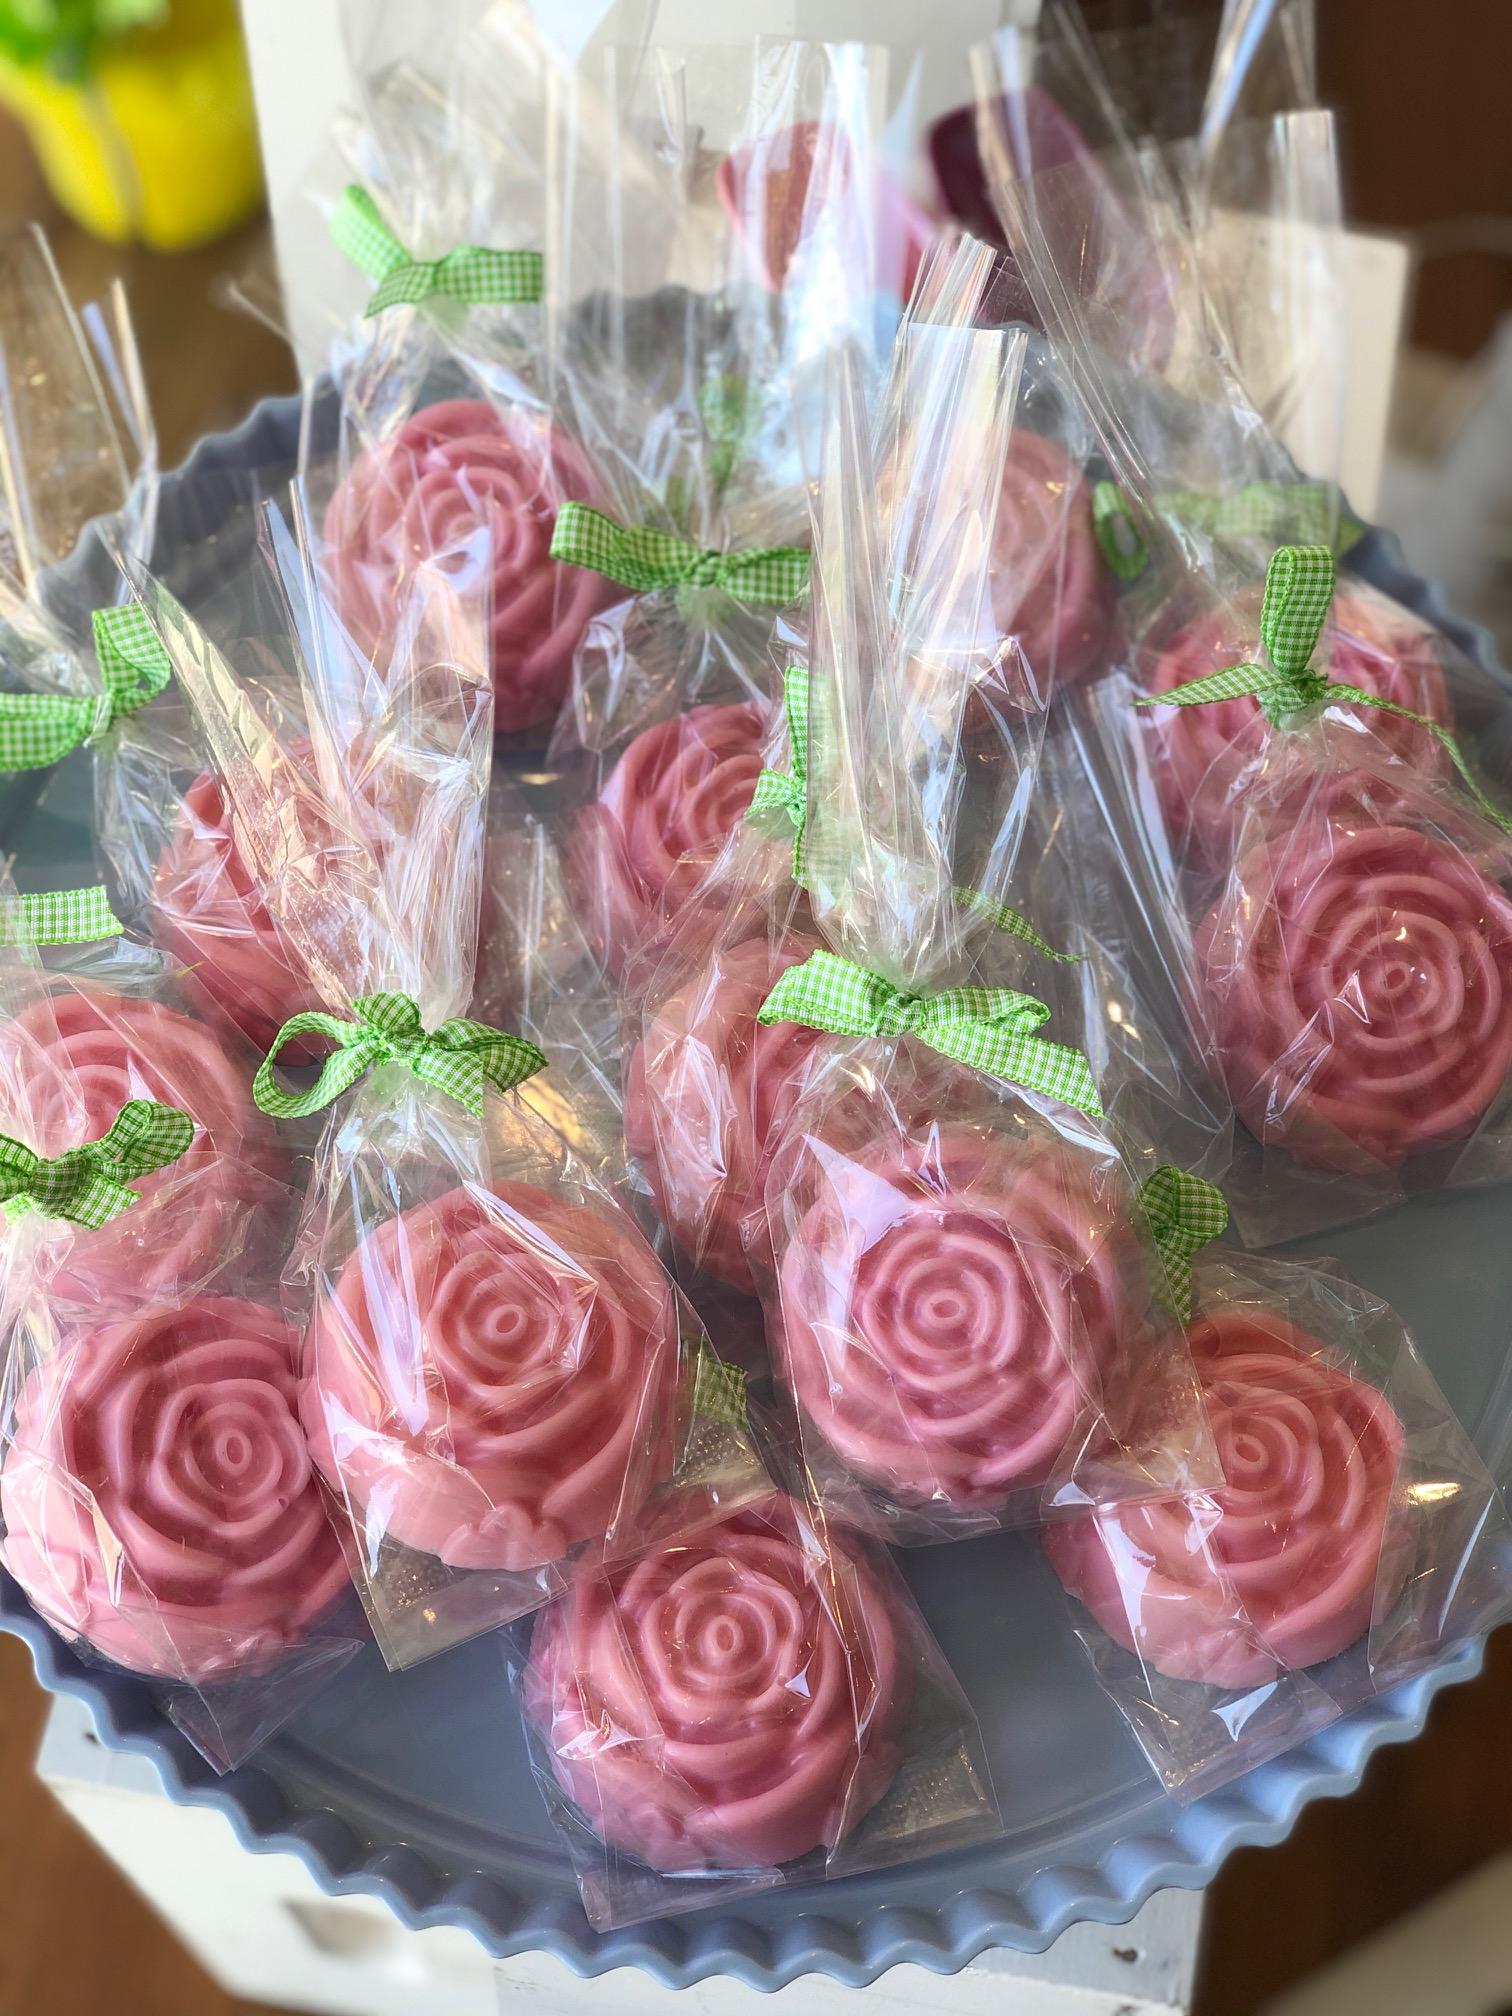 Handmade flower shaped soap